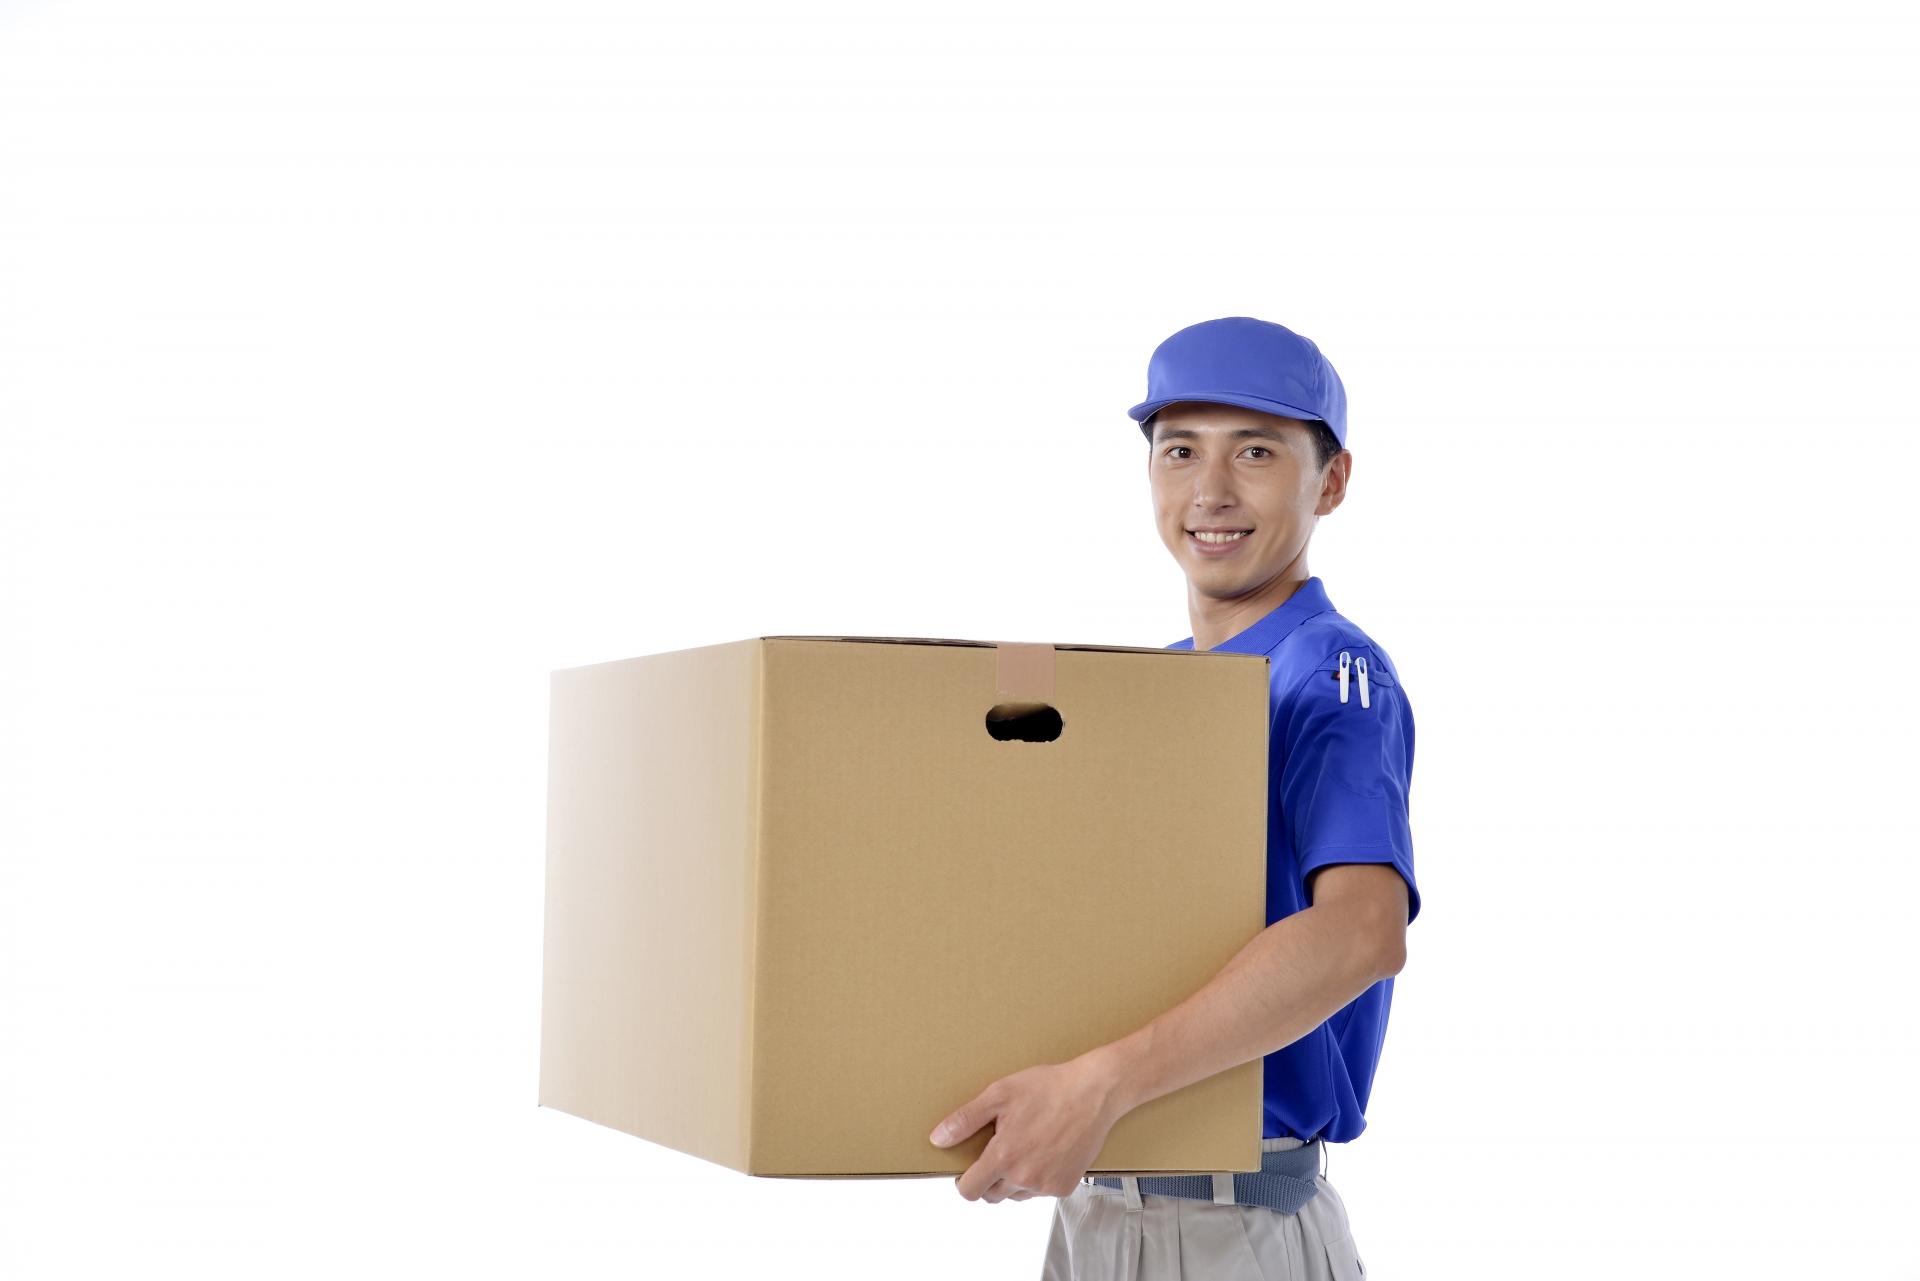 【賃貸】引っ越し先でのプロパンガスの契約方法は?